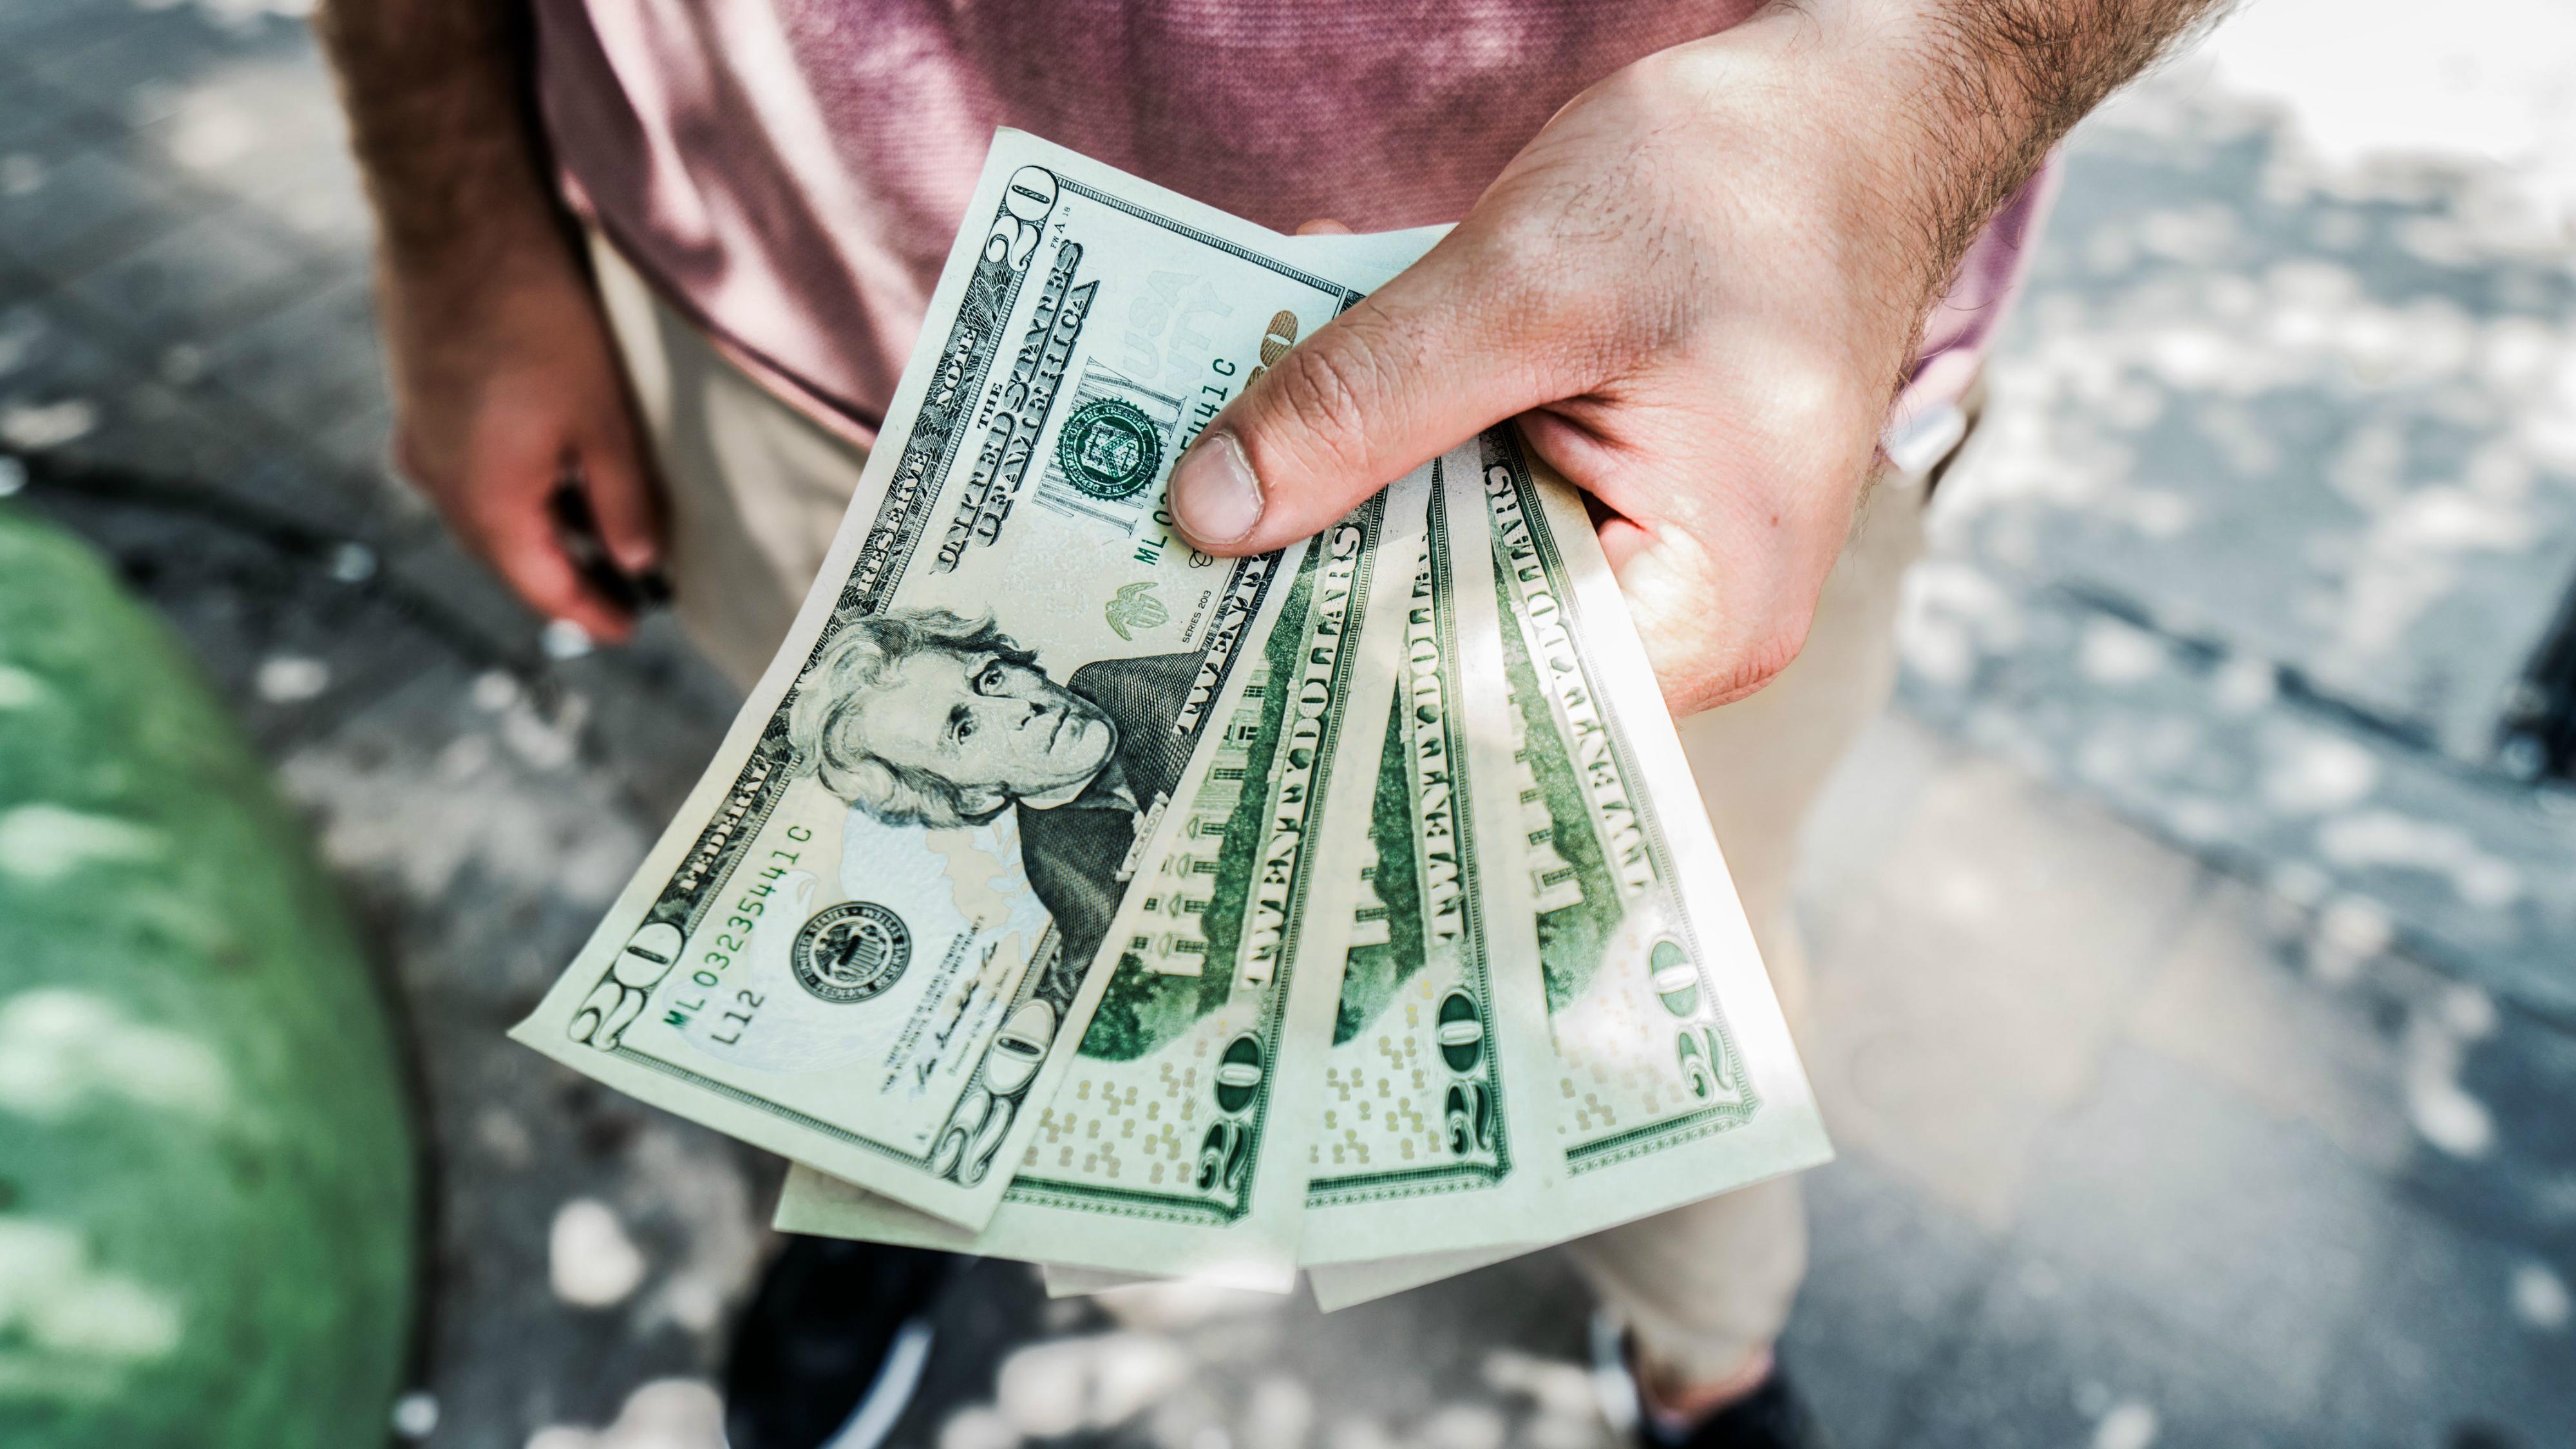 Kā pelnīt naudu ātri bez maksas un tiešsaistē, rakstu...